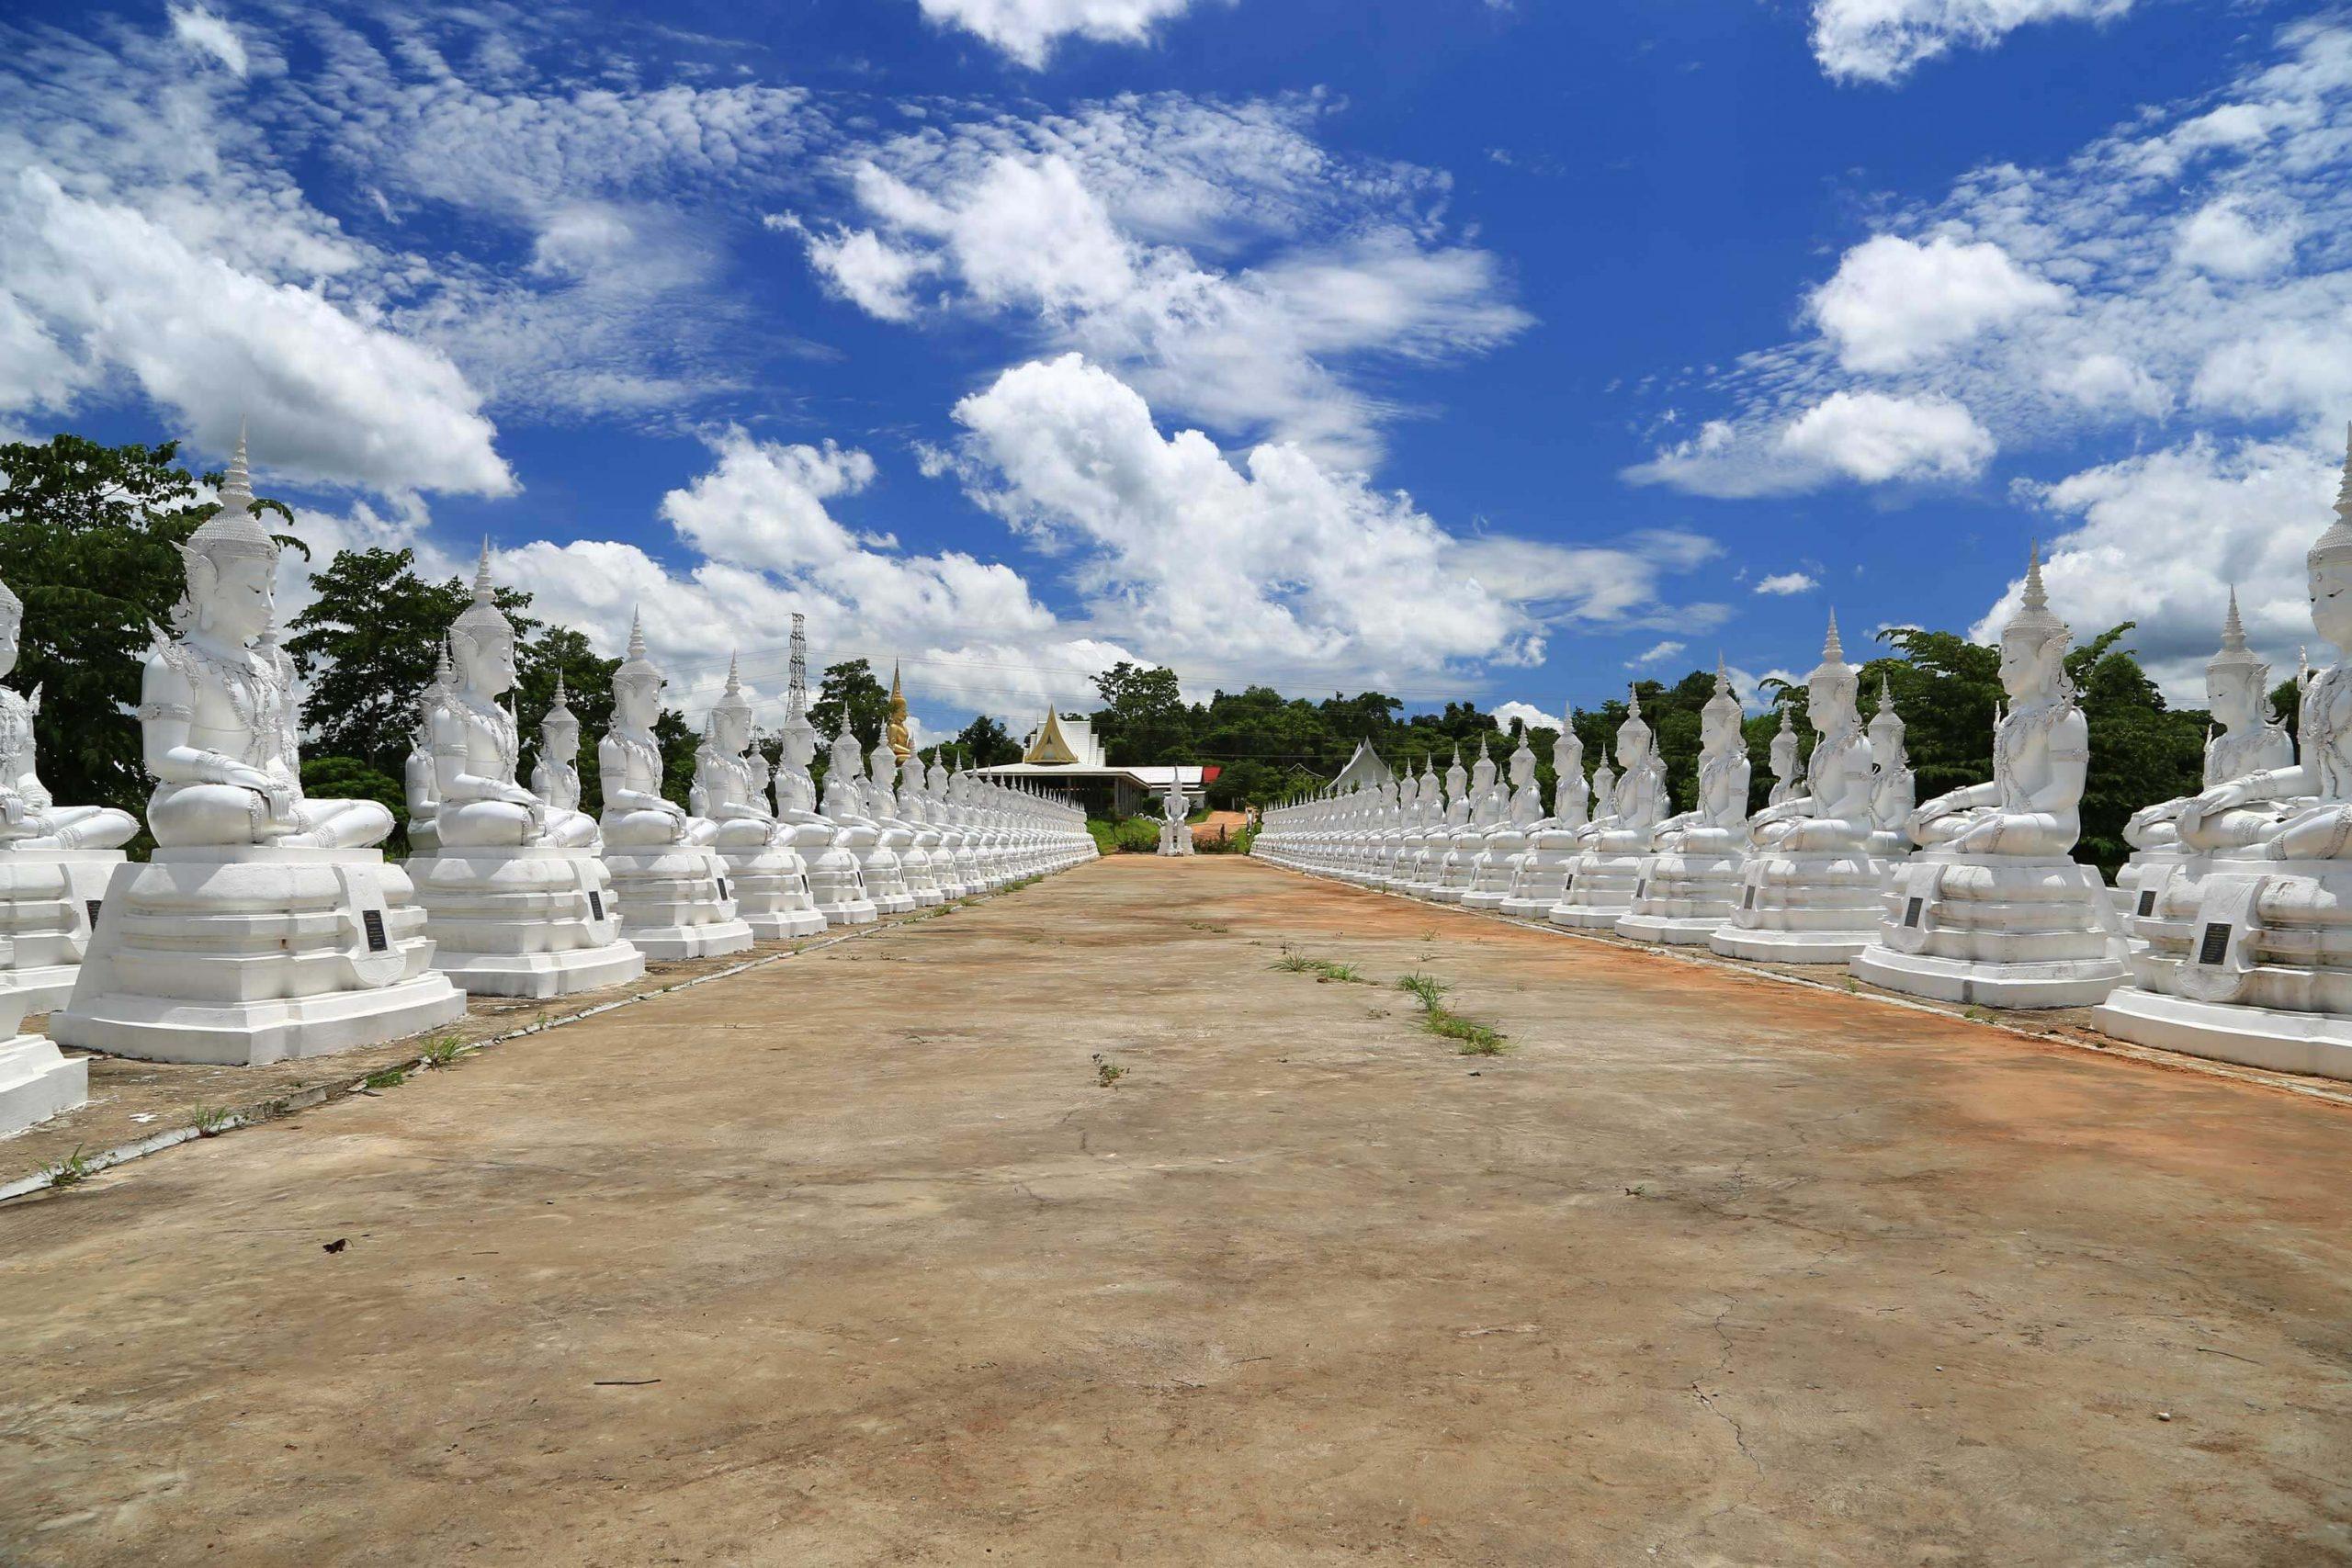 พระพุทธบาทน้ำทิพย์จำนวน 118 องค์